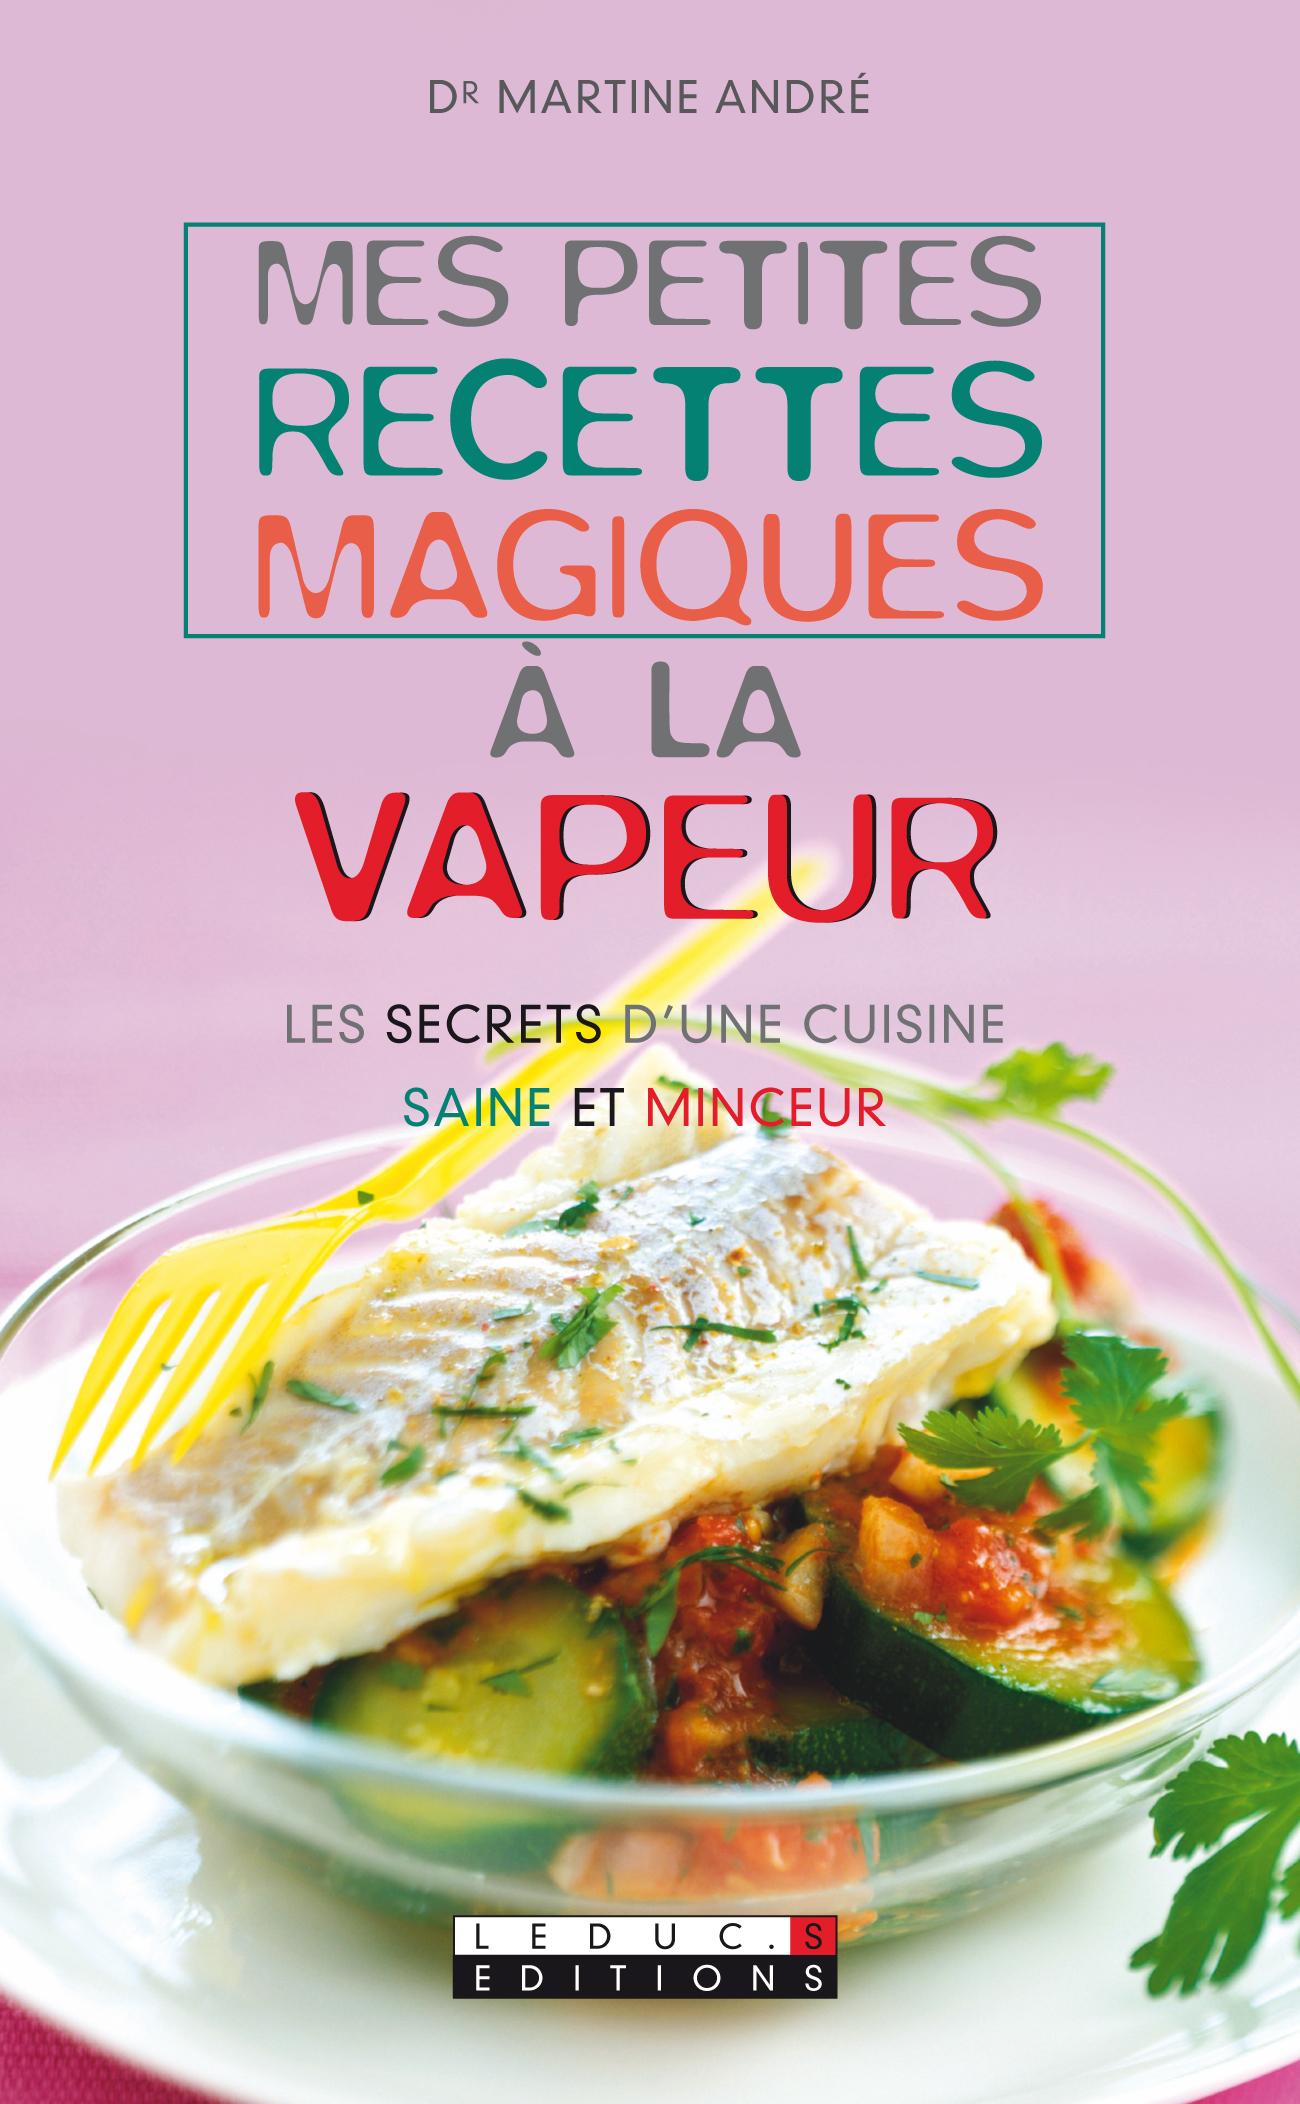 Mes petites recettes magiques à la vapeur - Les secrets d'une cuisine saine  et minceur - Martine André (EAN13 : 9782848994932), Le site des éditions  Leduc.s ...